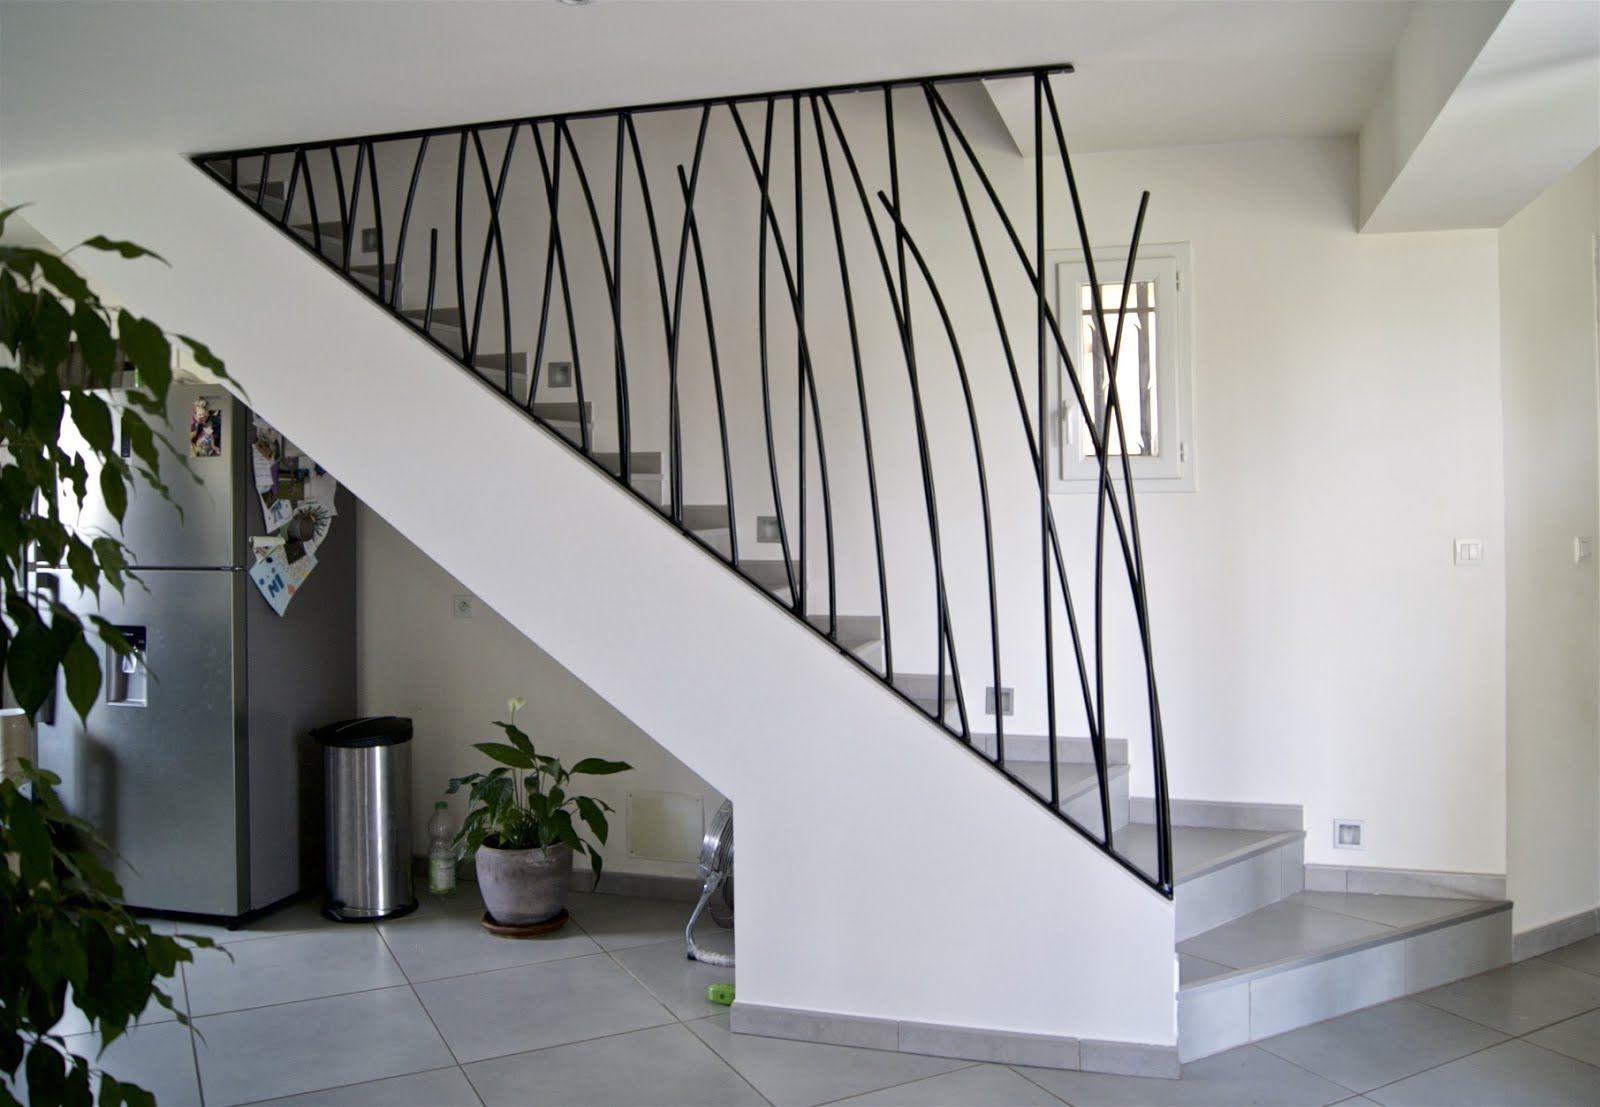 Cb8 Design Rambarde Escalier Escalier Claustra